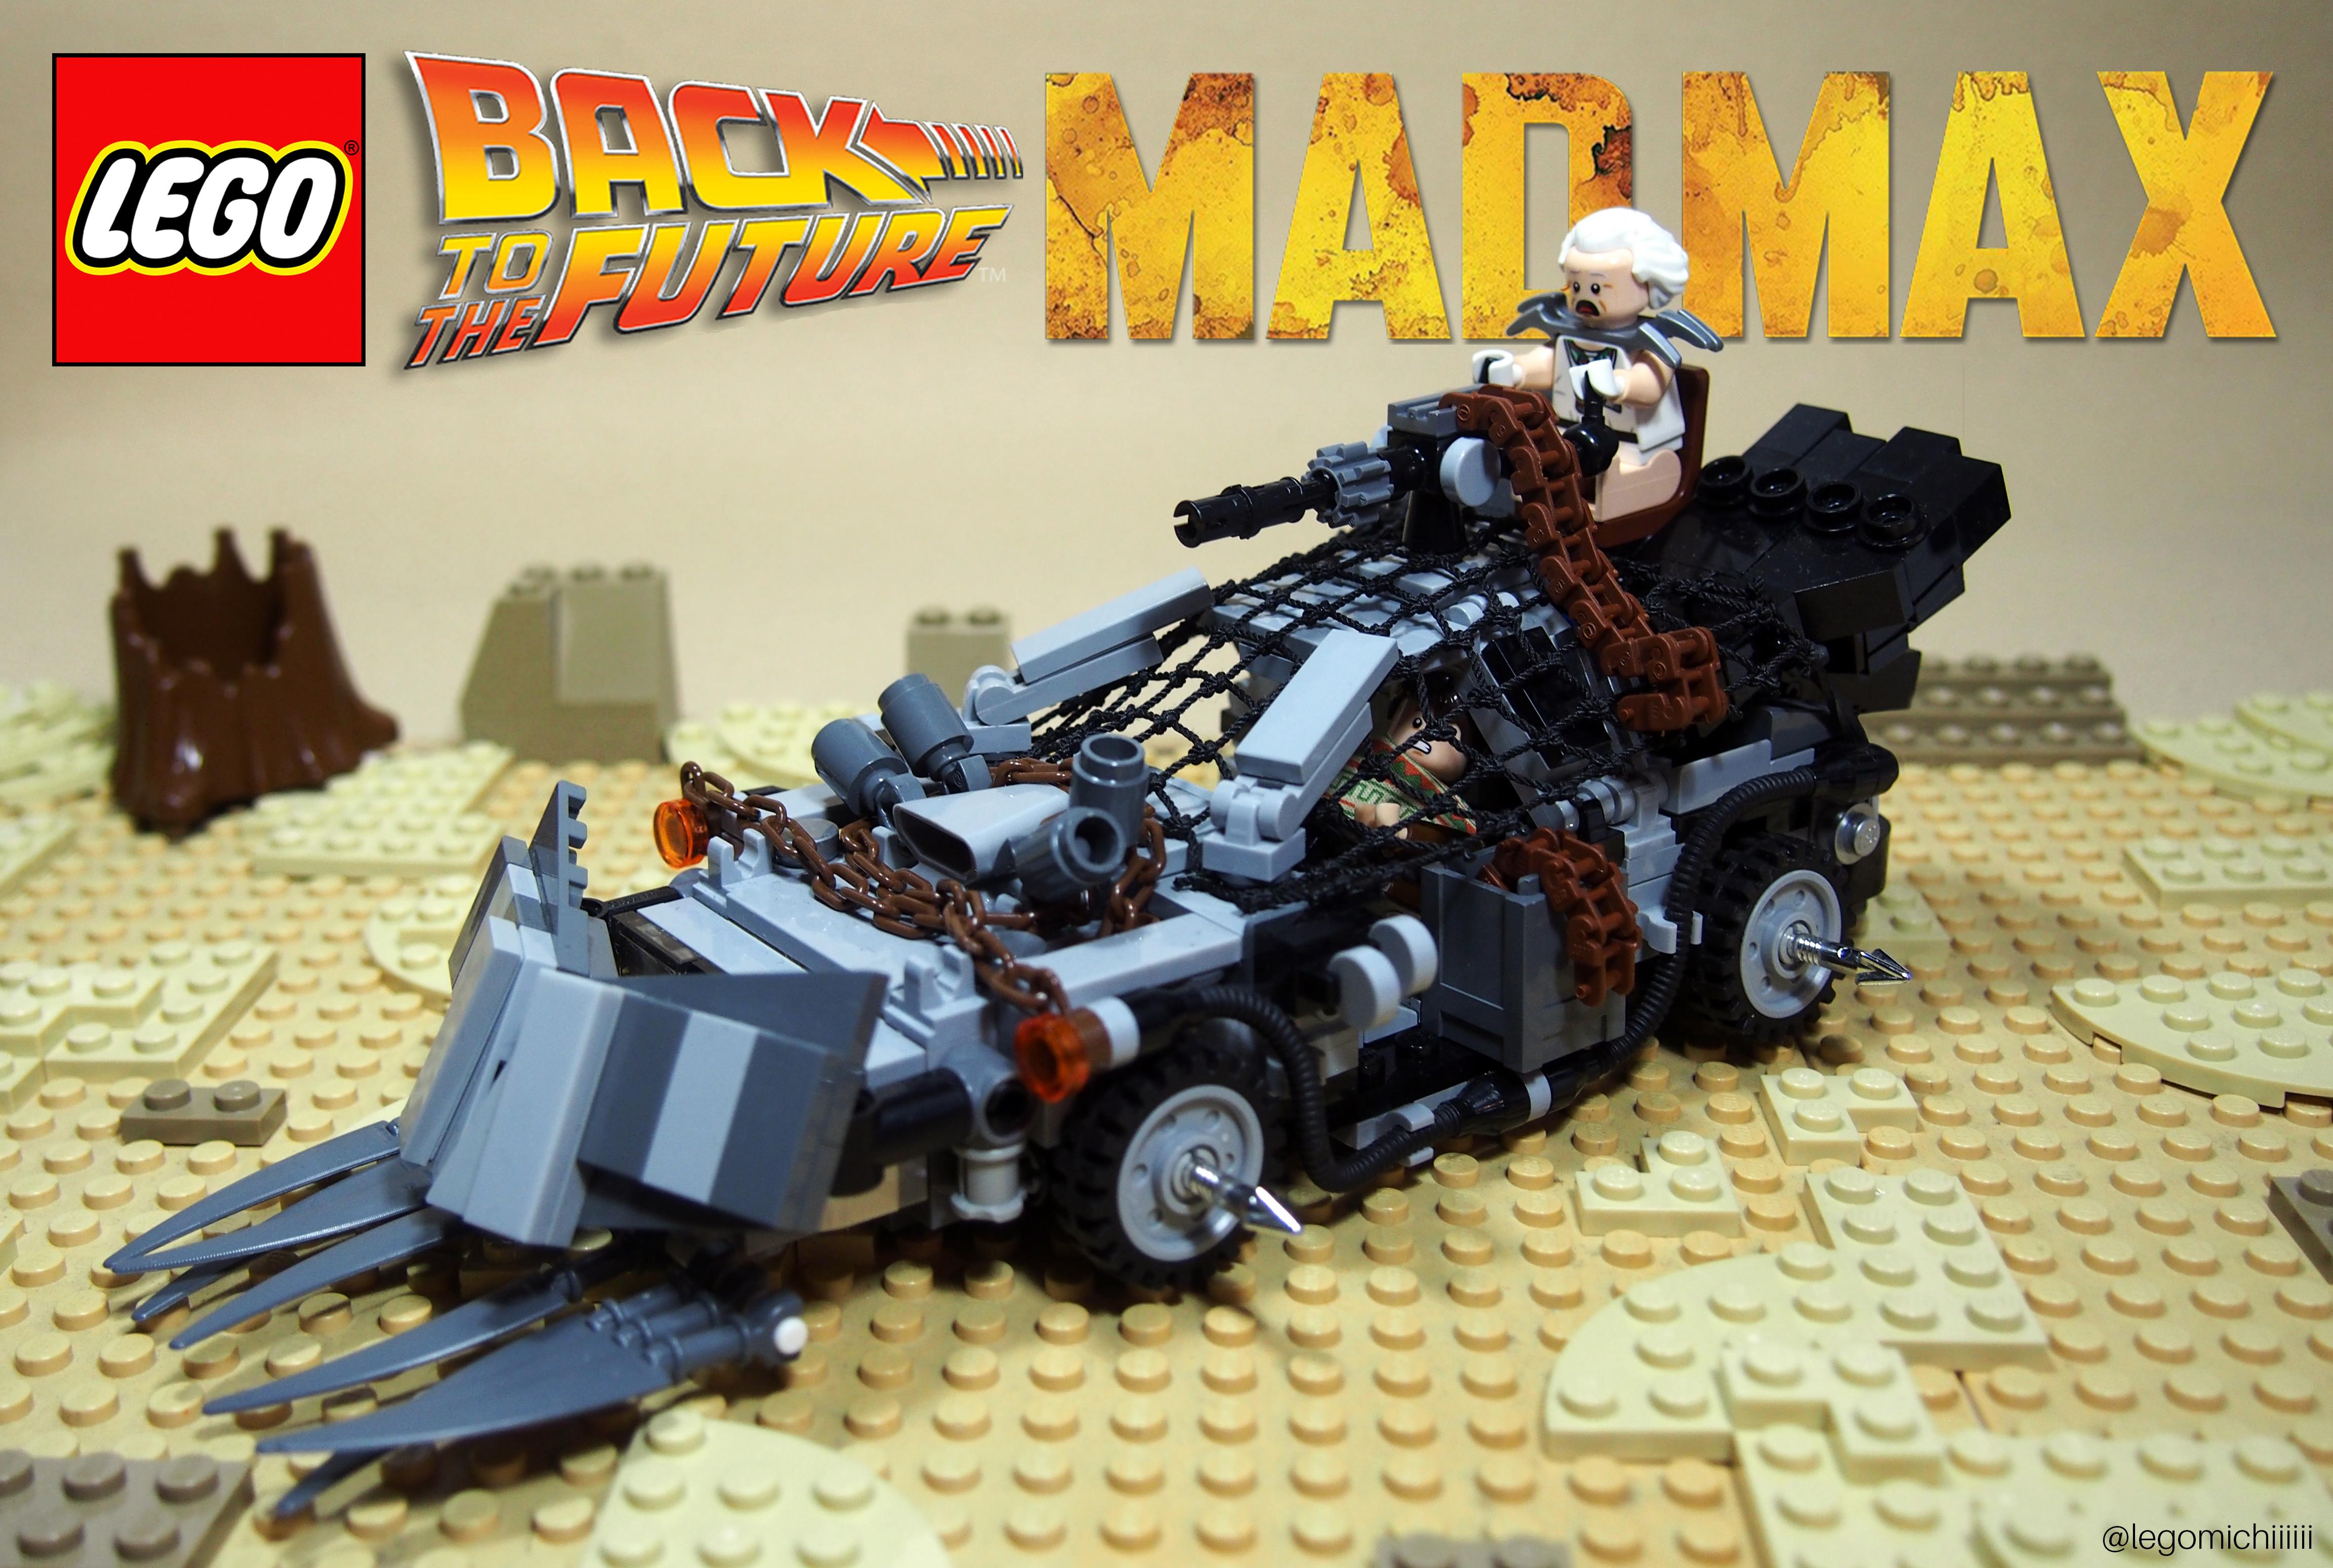 wallpaper : max, car, back, lego, bttf, future, mad, delorean